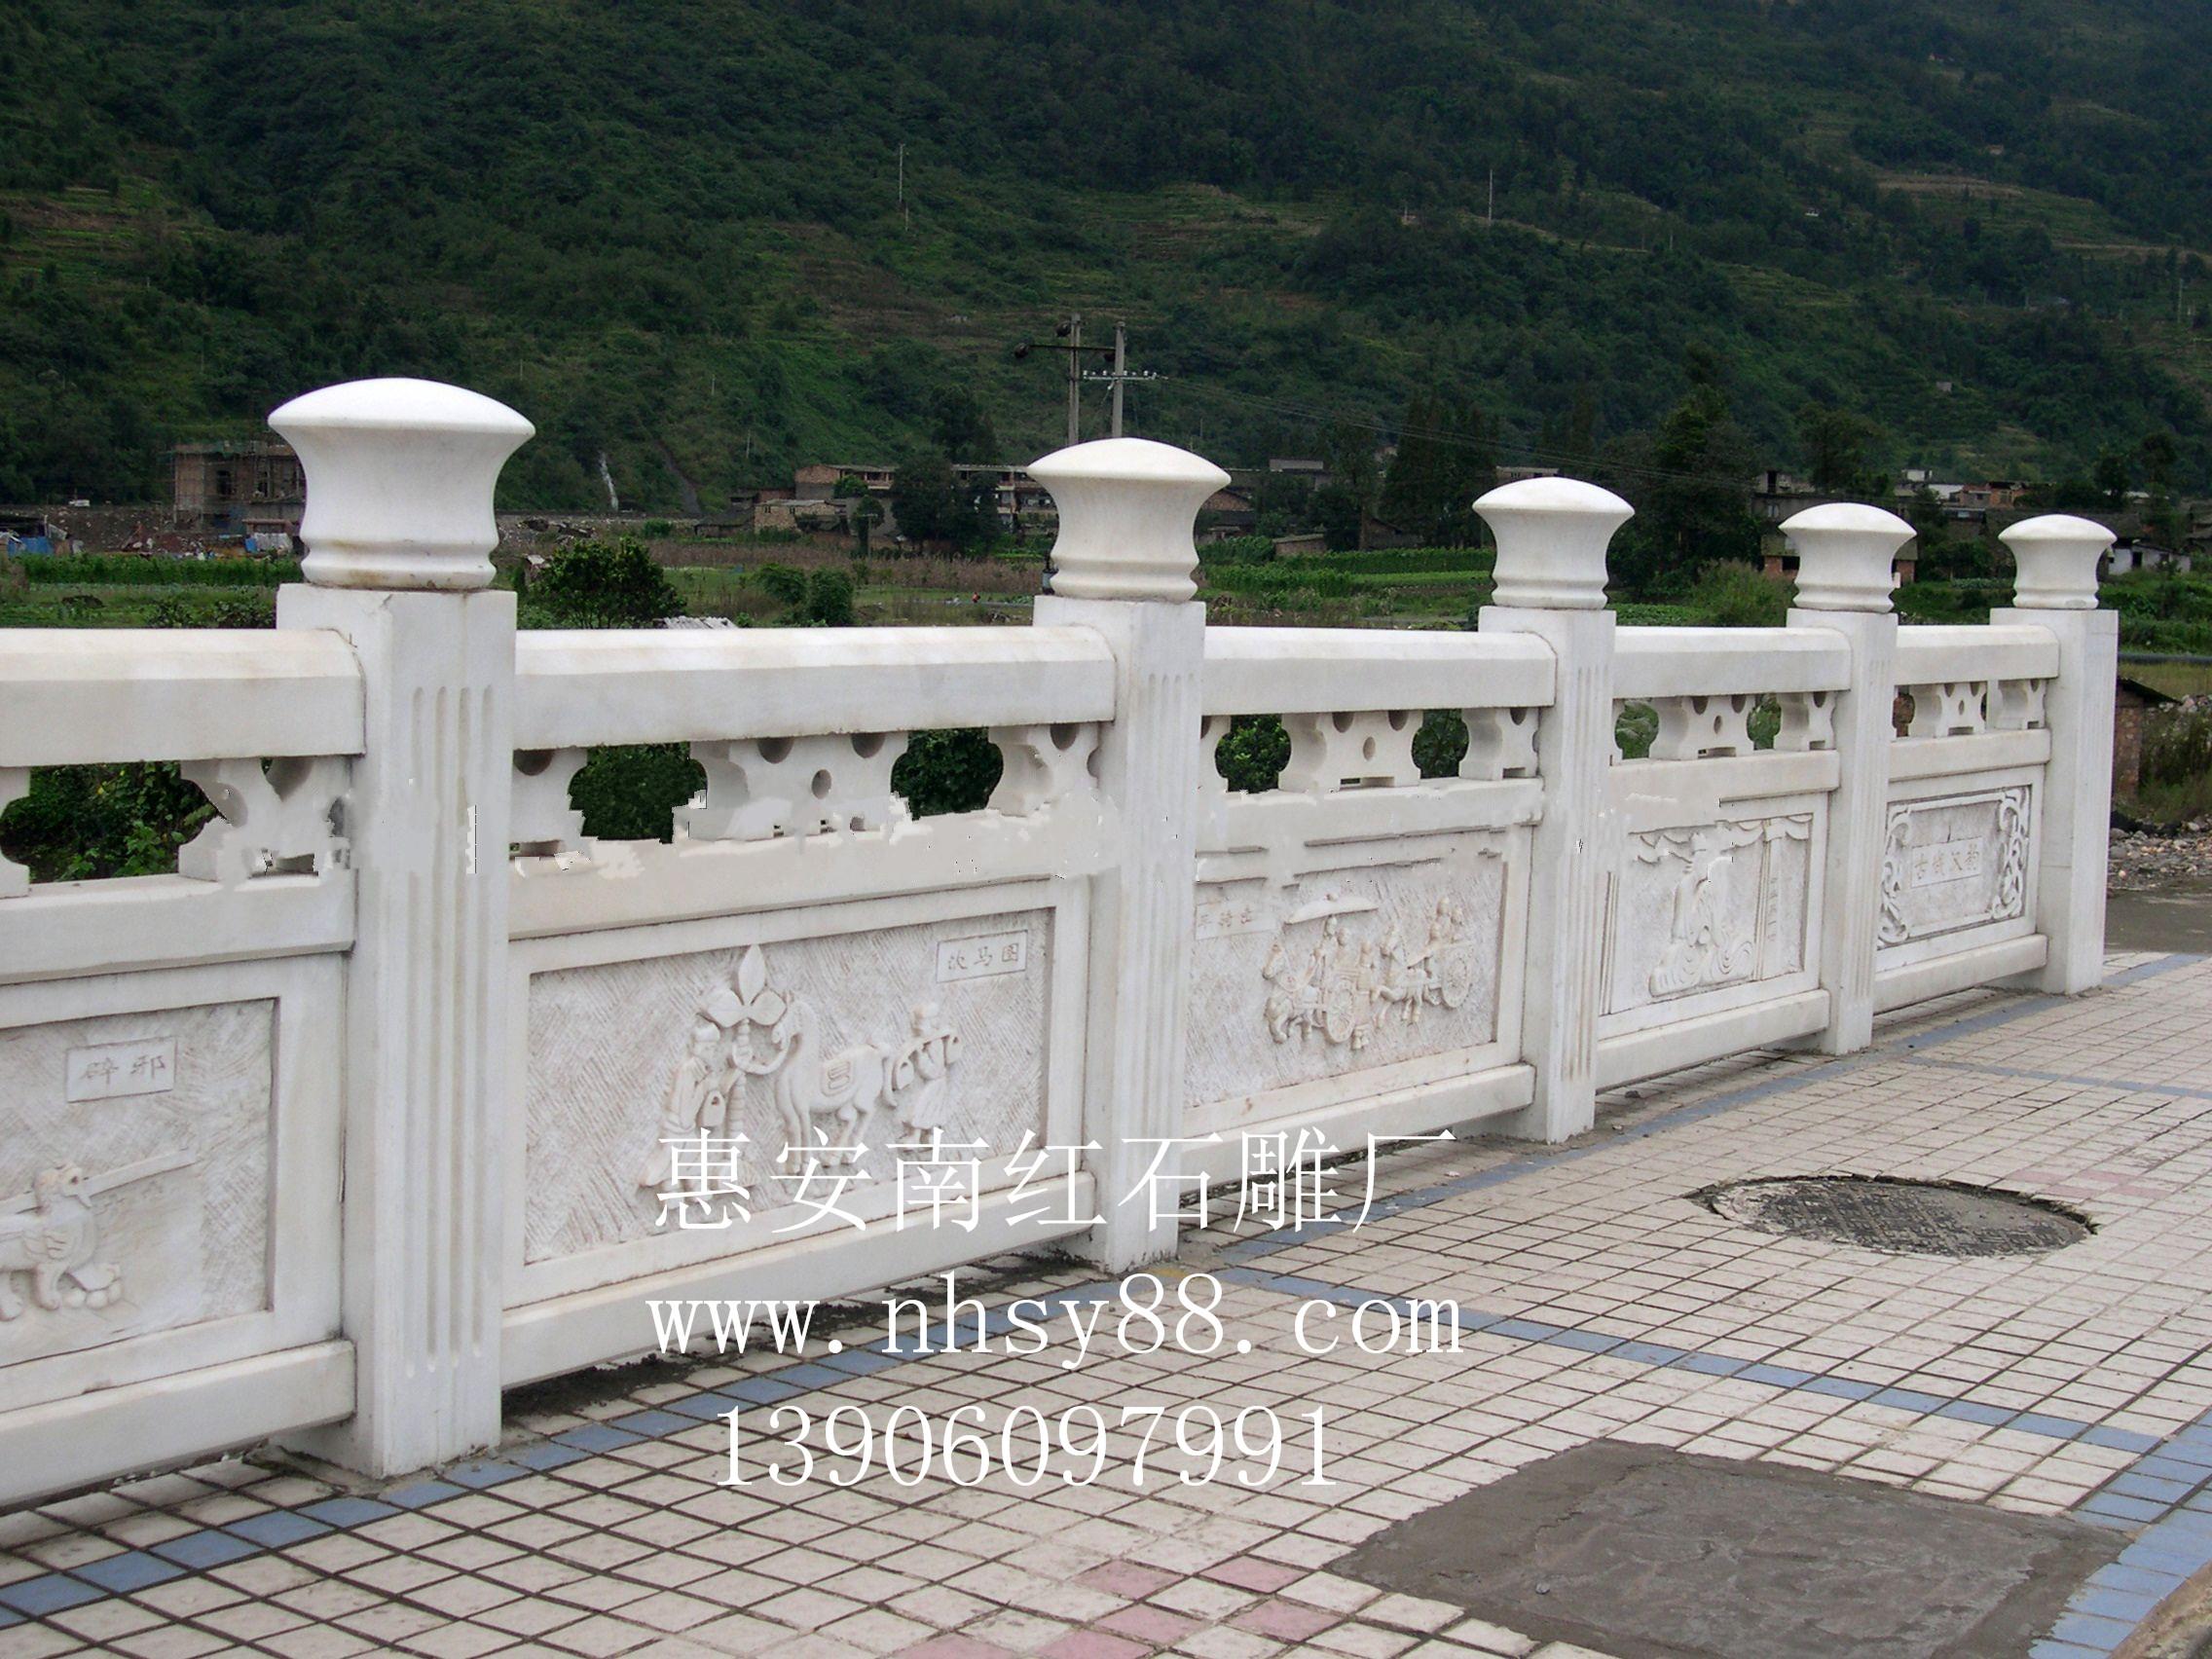 惠安石雕 石雕栏杆 - 惠安南红石业有限公司